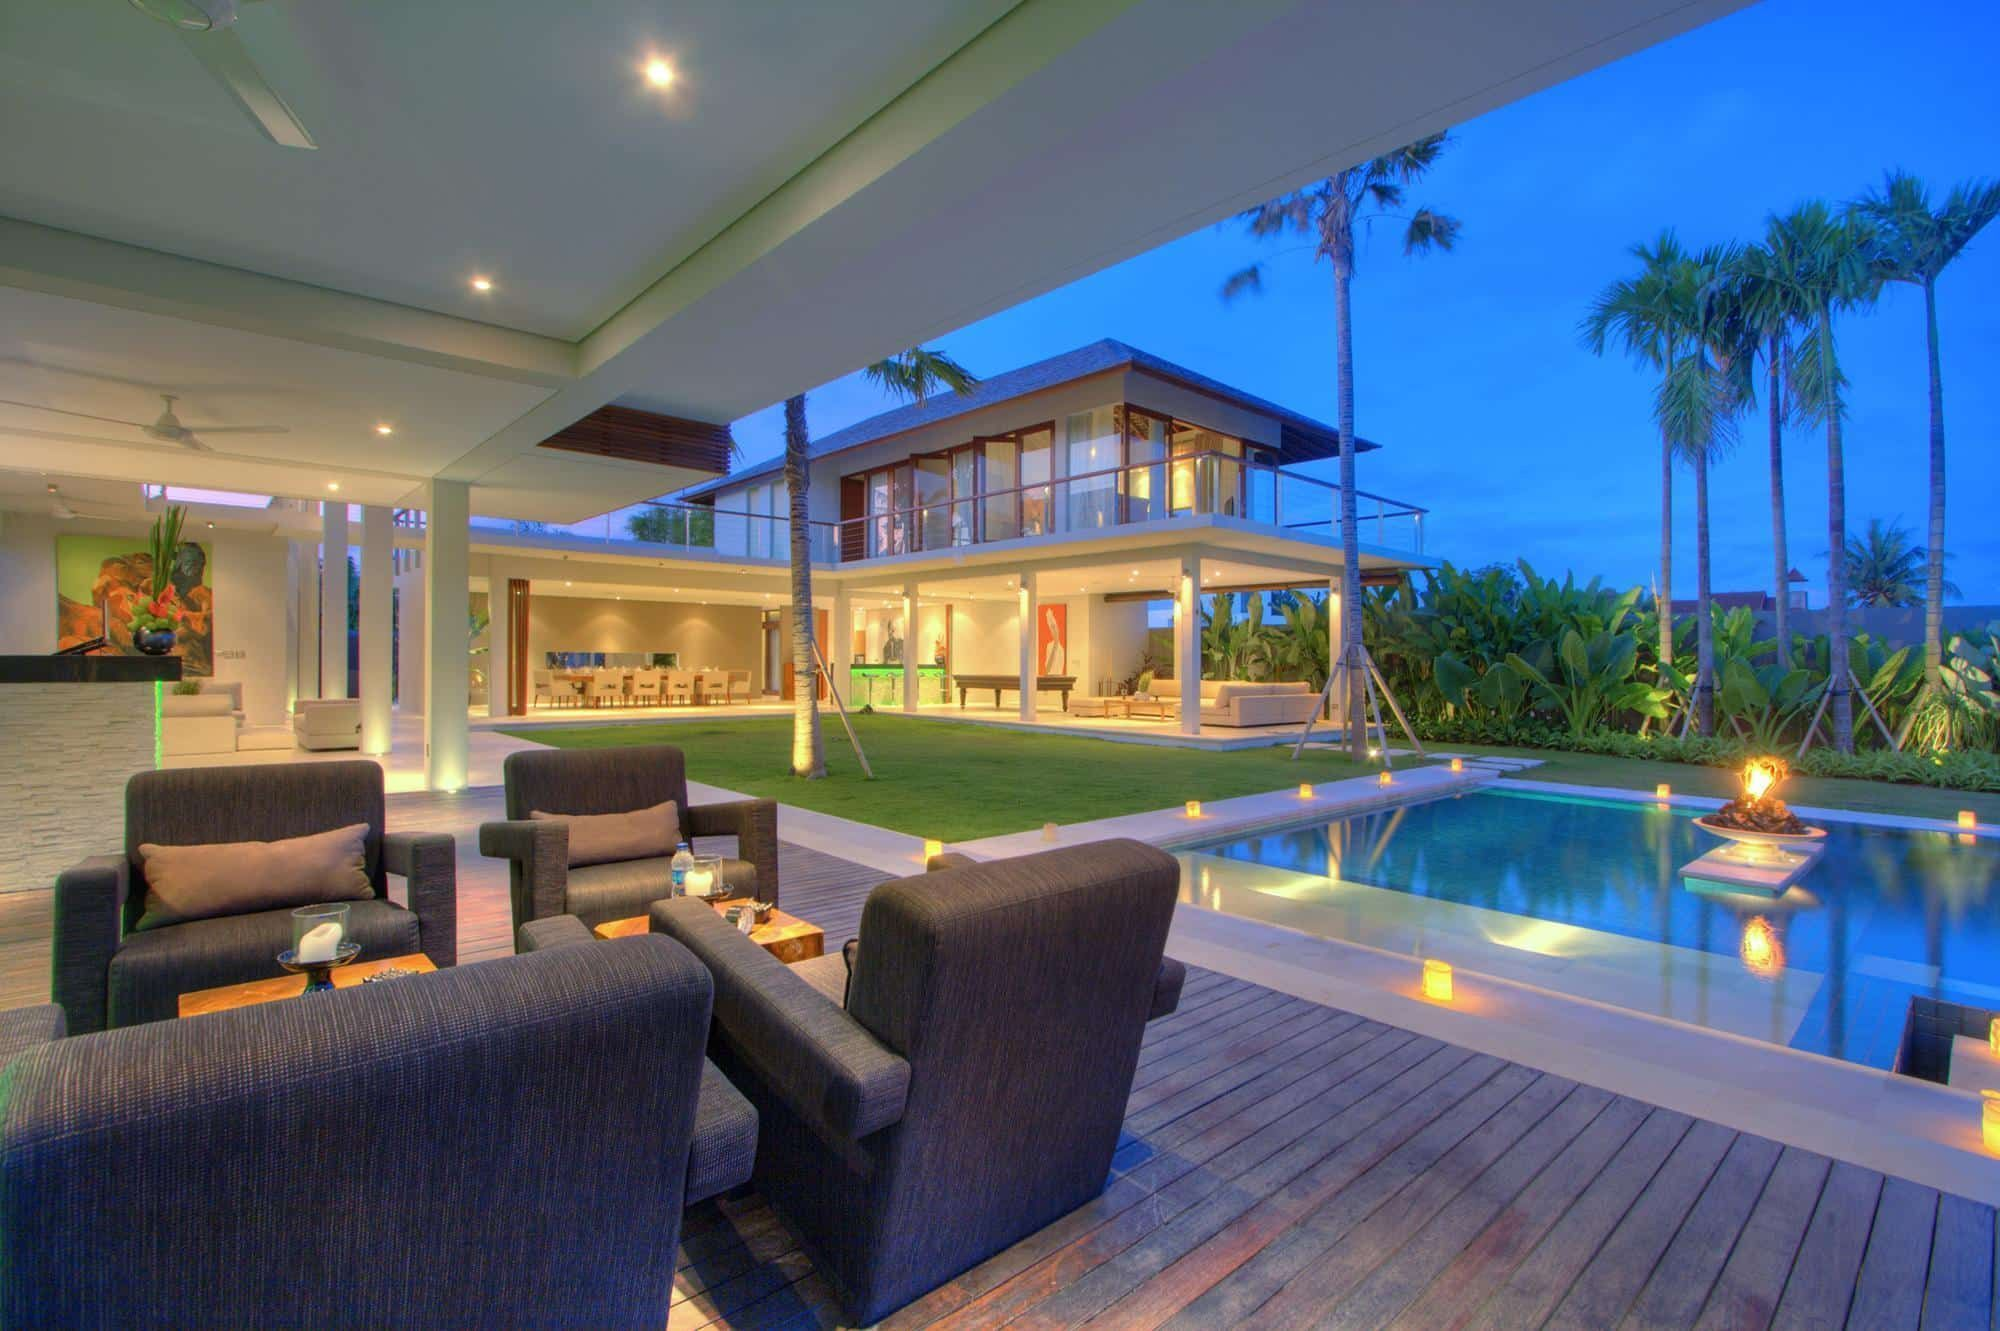 Location De Villa De Luxe Bali, Architecture Contemporaine #Bali #Architecture